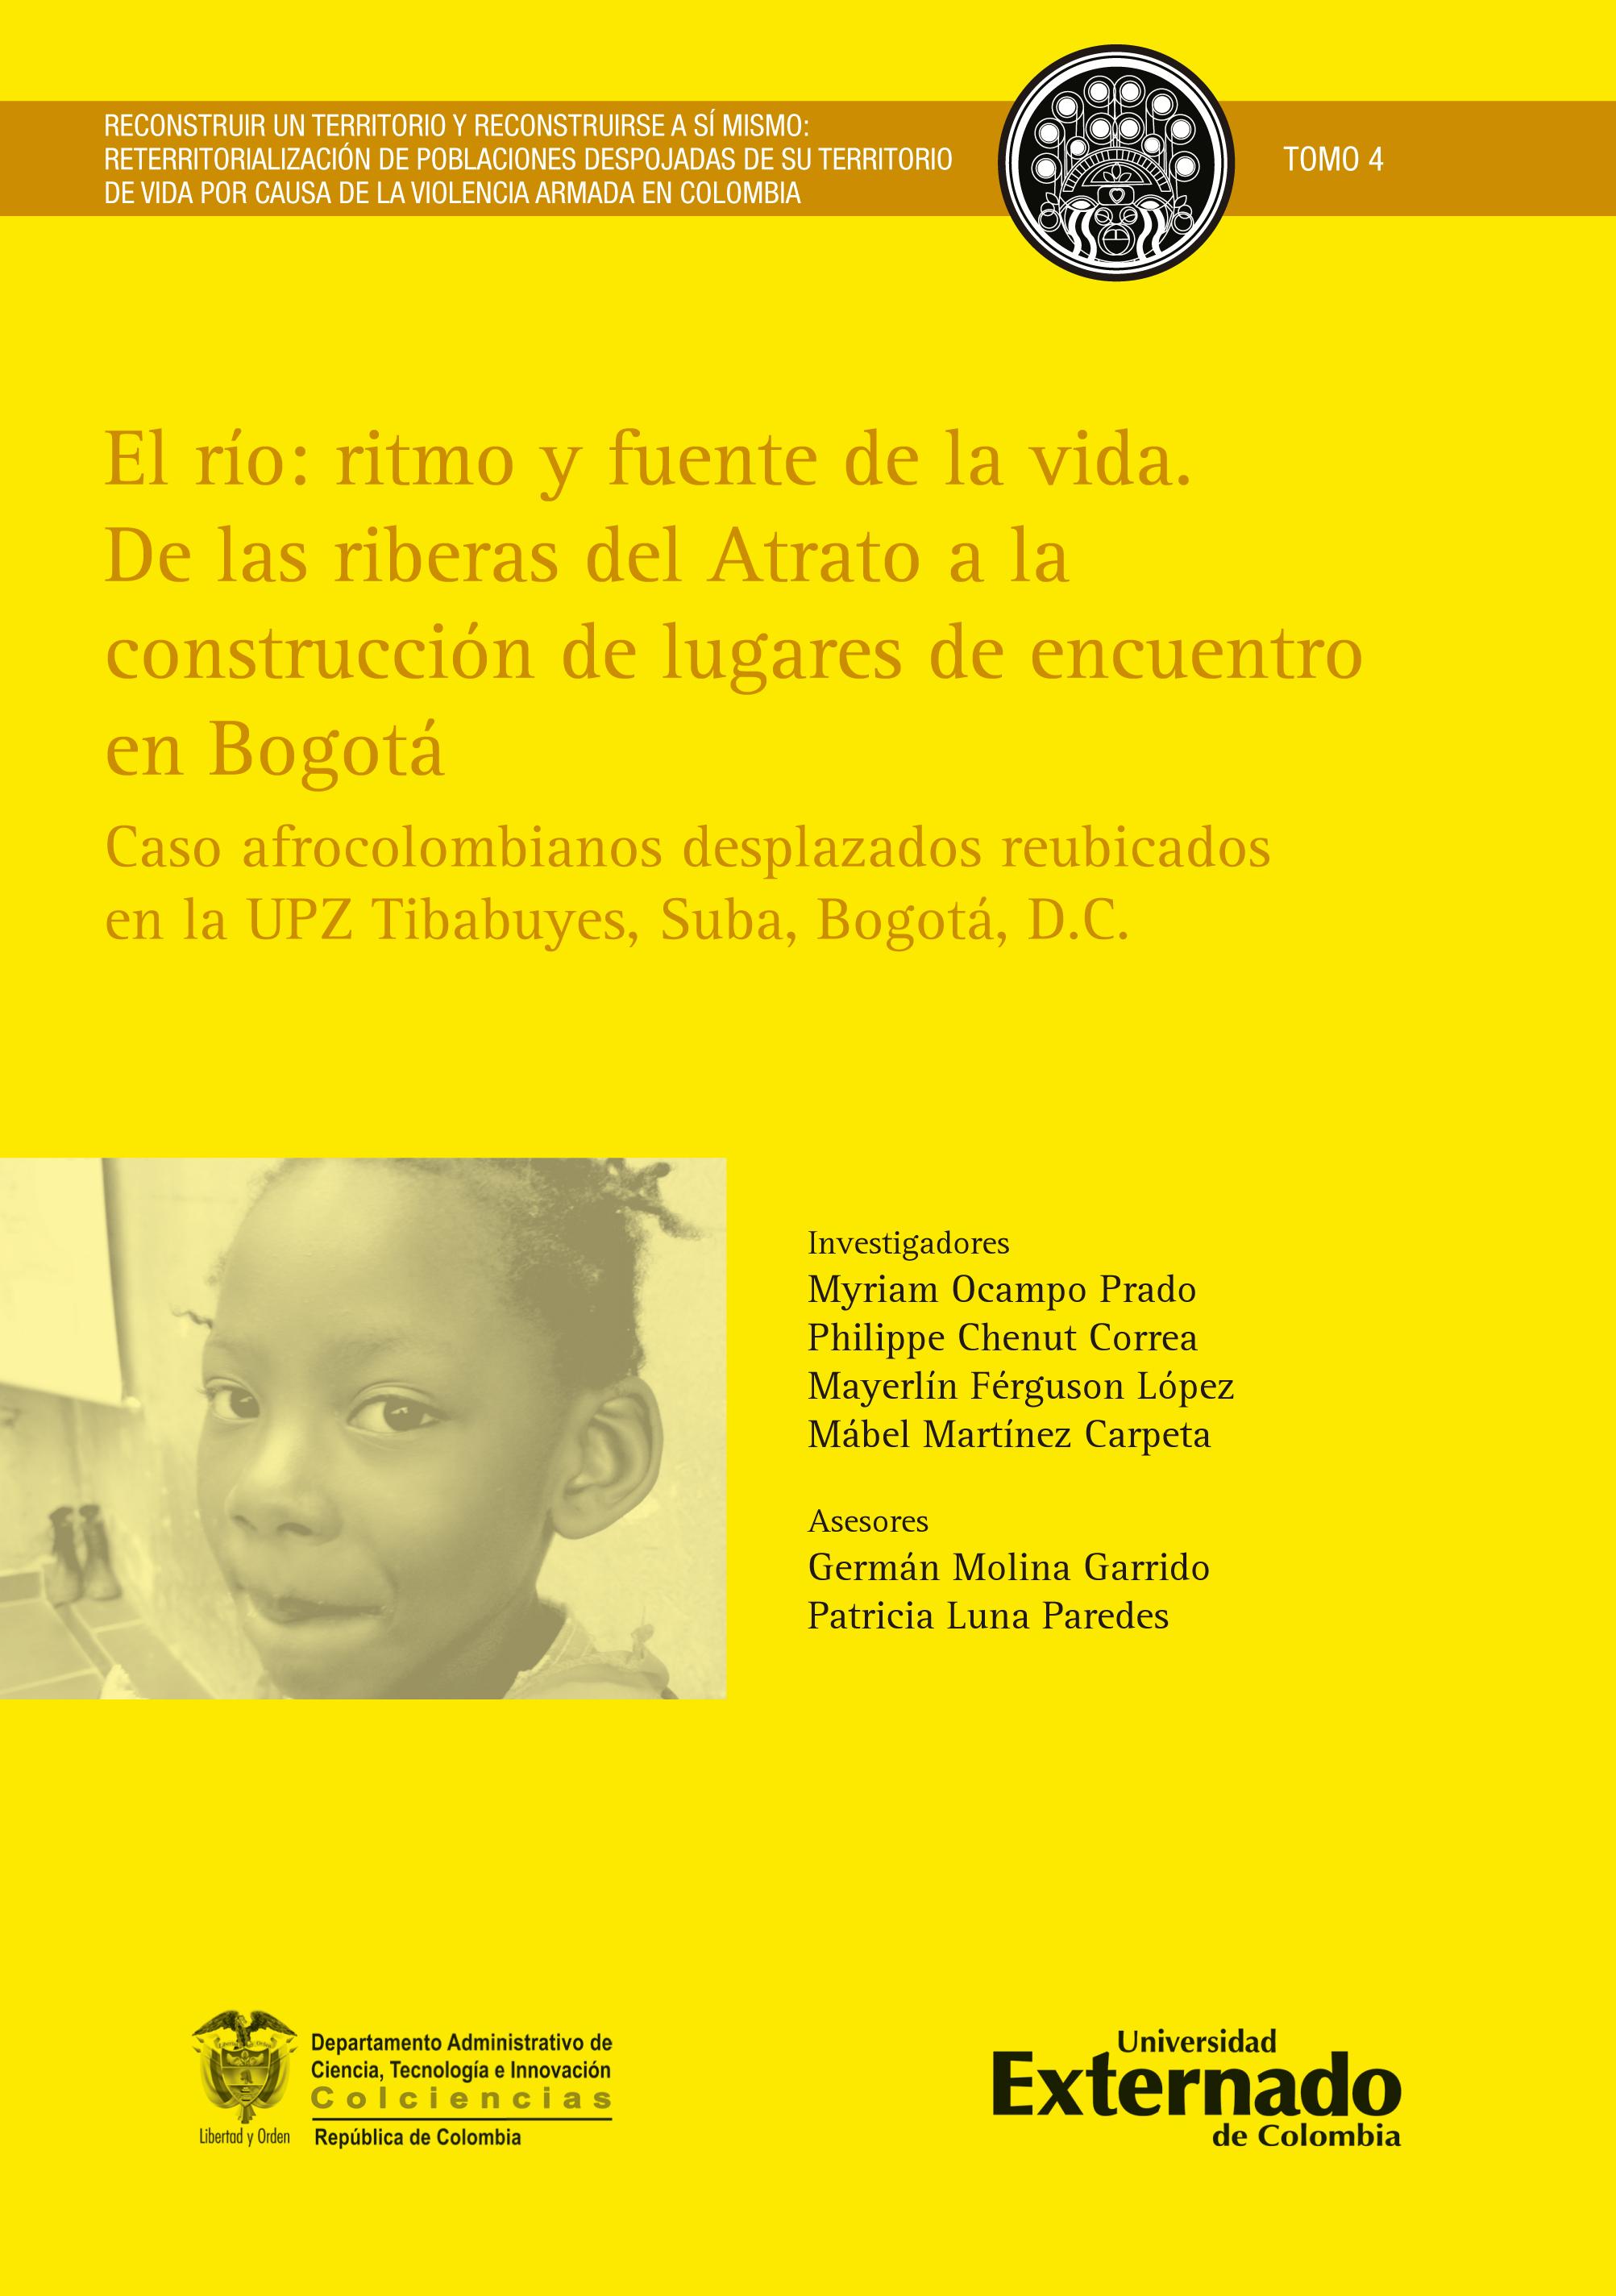 El río: ritmo y fuente de la vida. De las riberas del Atrato a la construcción de lugares de encuentro en Bogotá